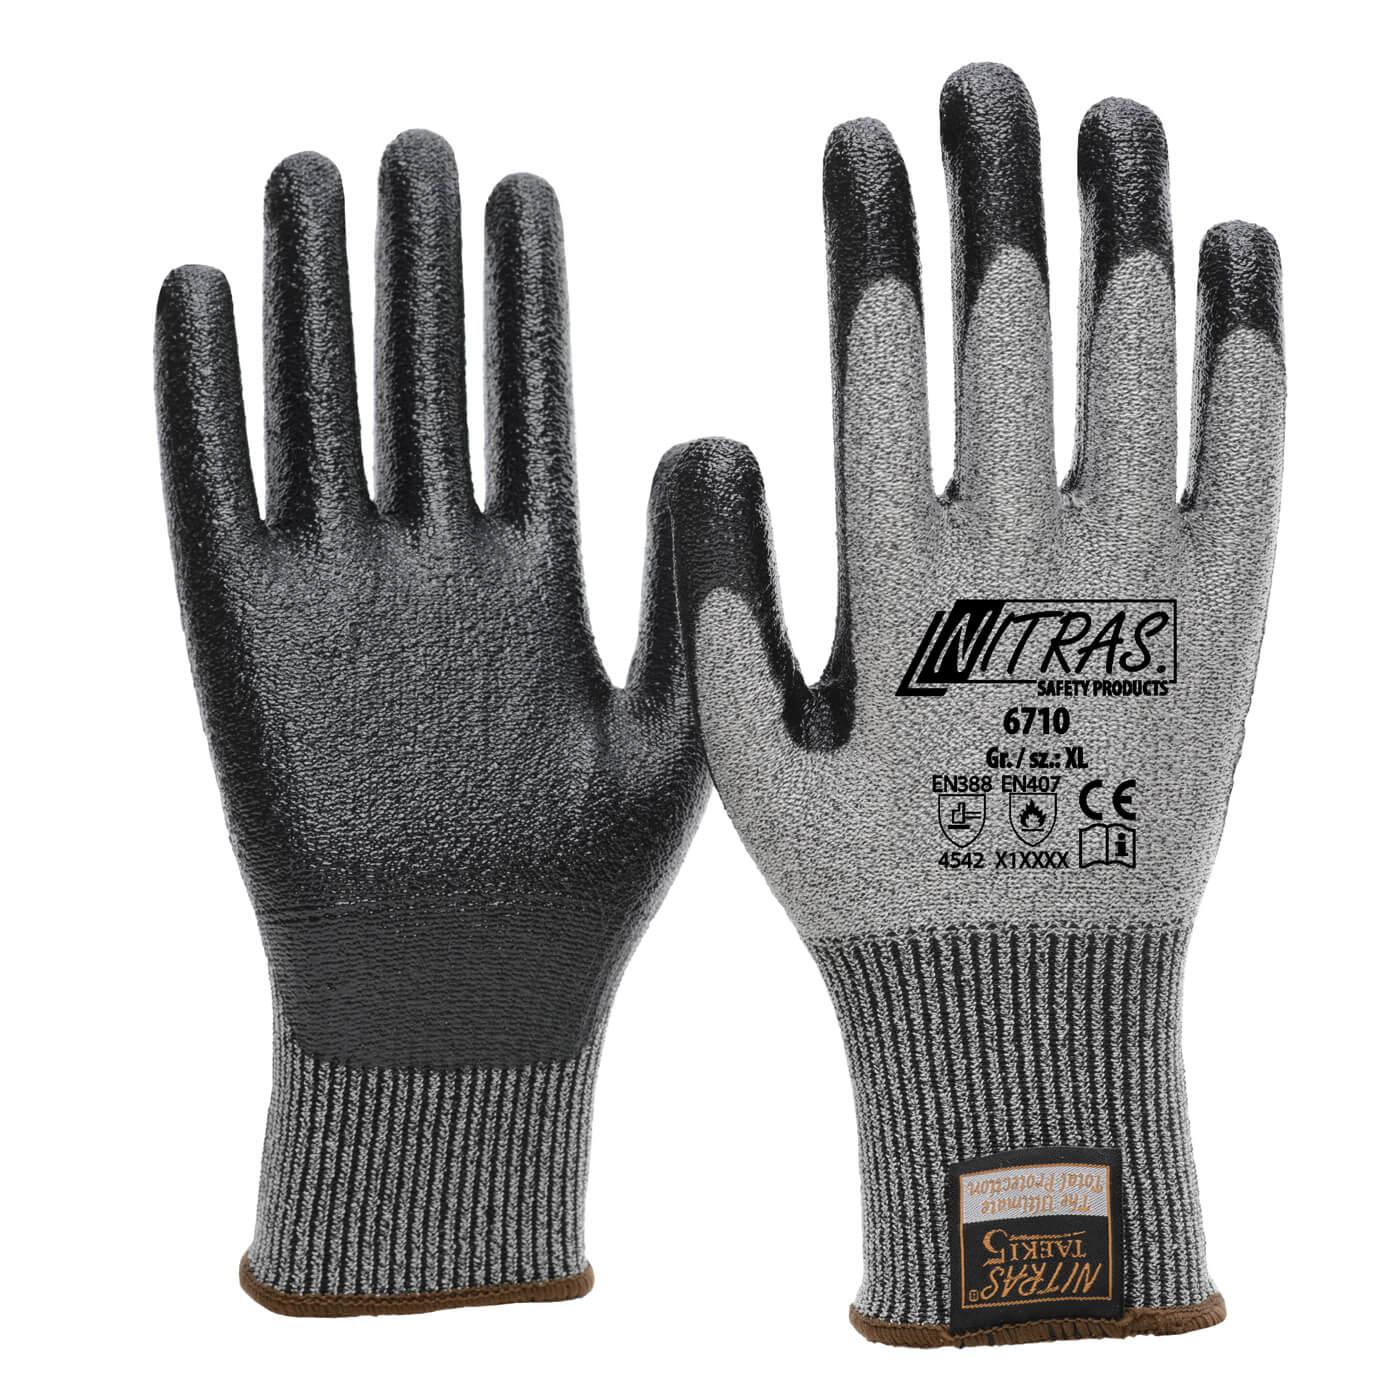 Rękawice antyprzecięciowe Nitras 6710